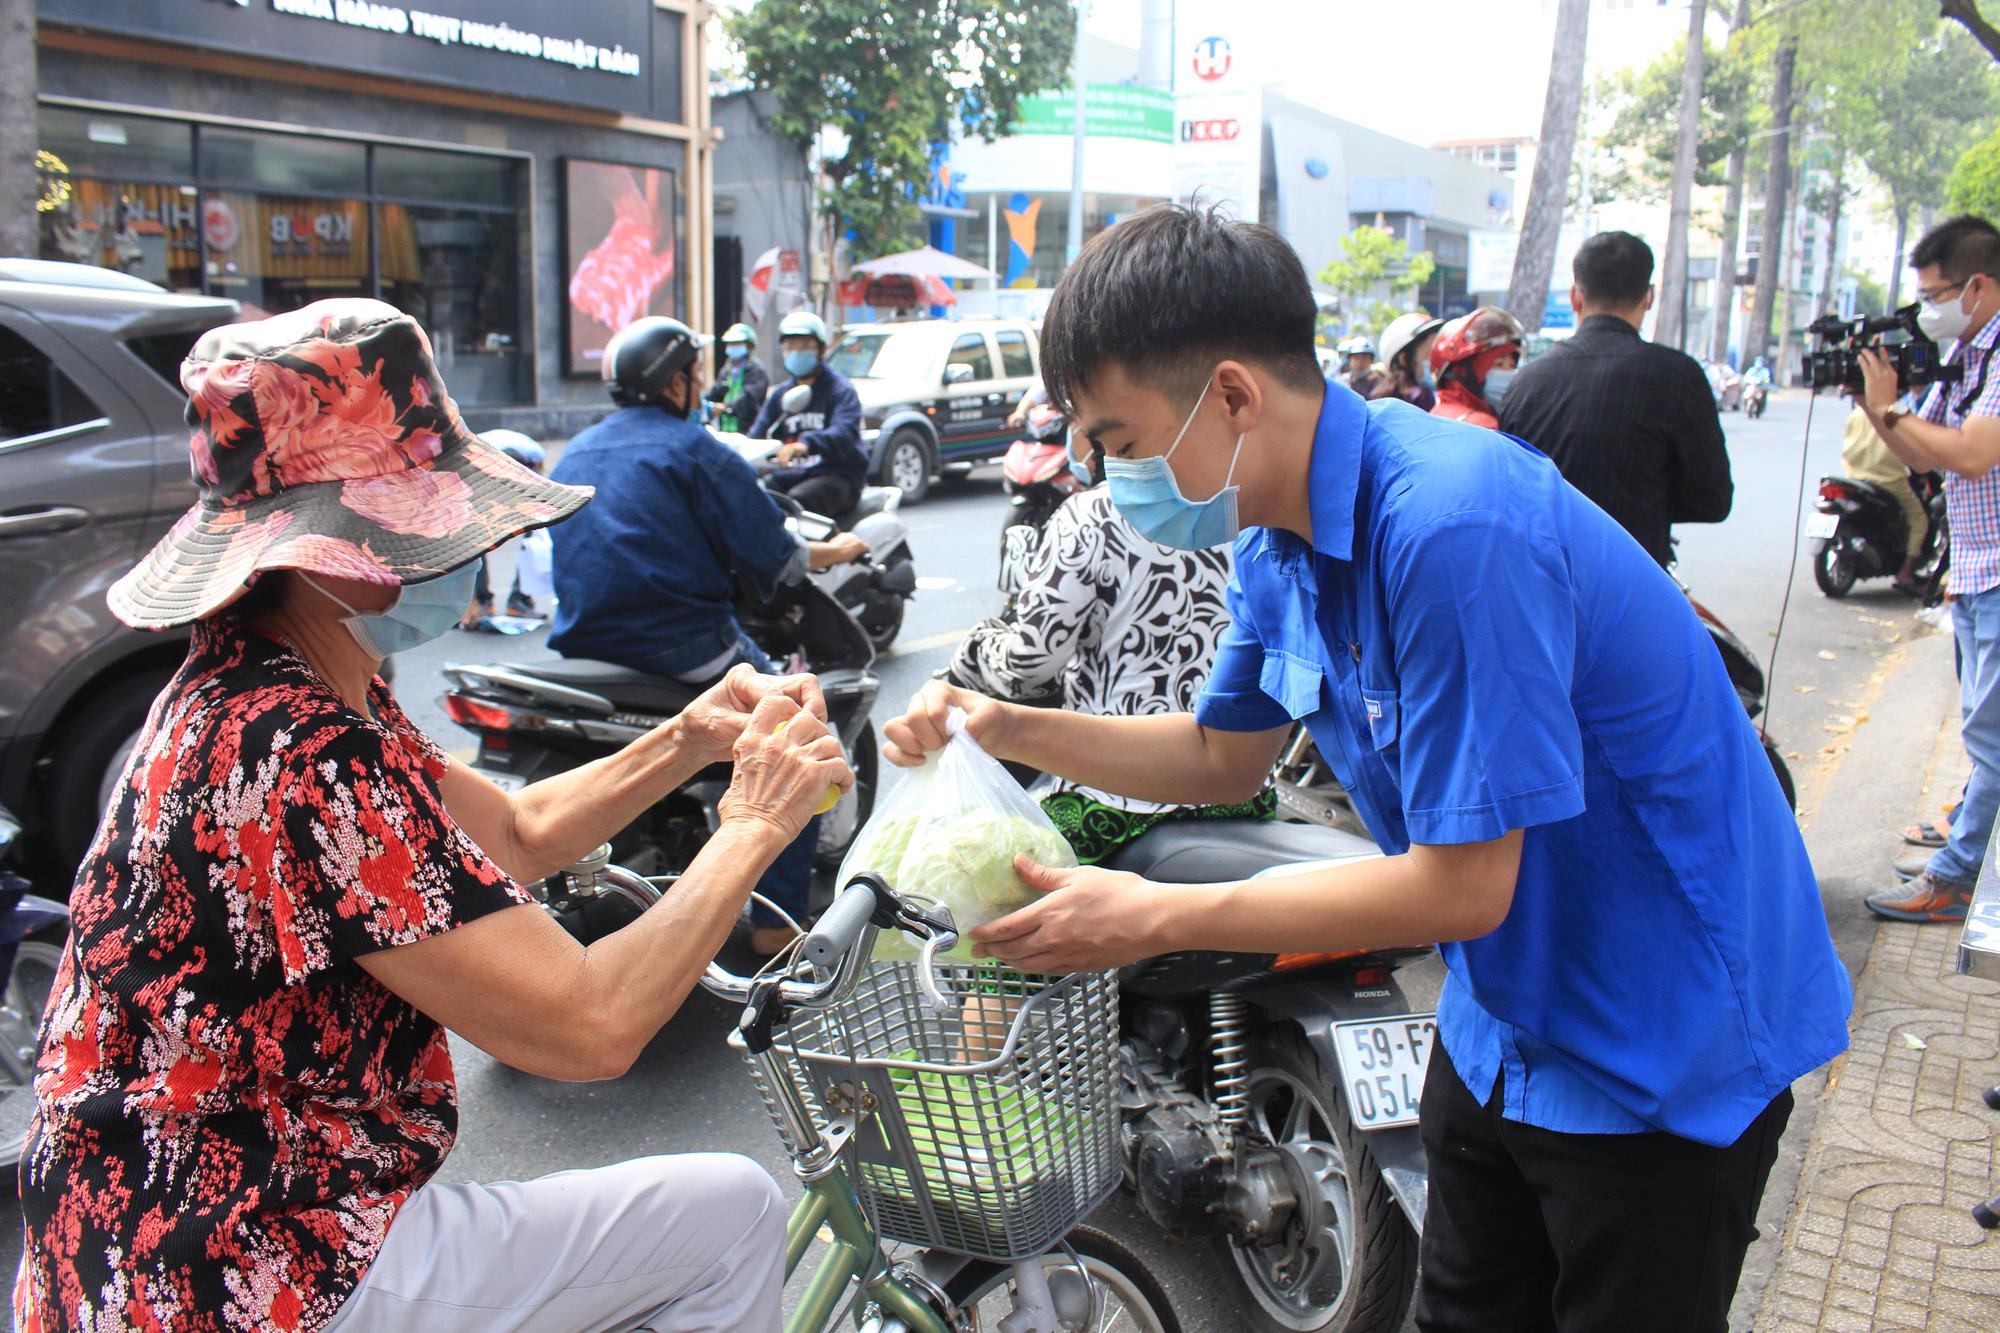 Ảnh: Cảm động người dân TP.HCM ùn ùn giải cứu rau củ Hải Dương, bưởi đặc sản hỗ trợ nông dân - Ảnh 7.